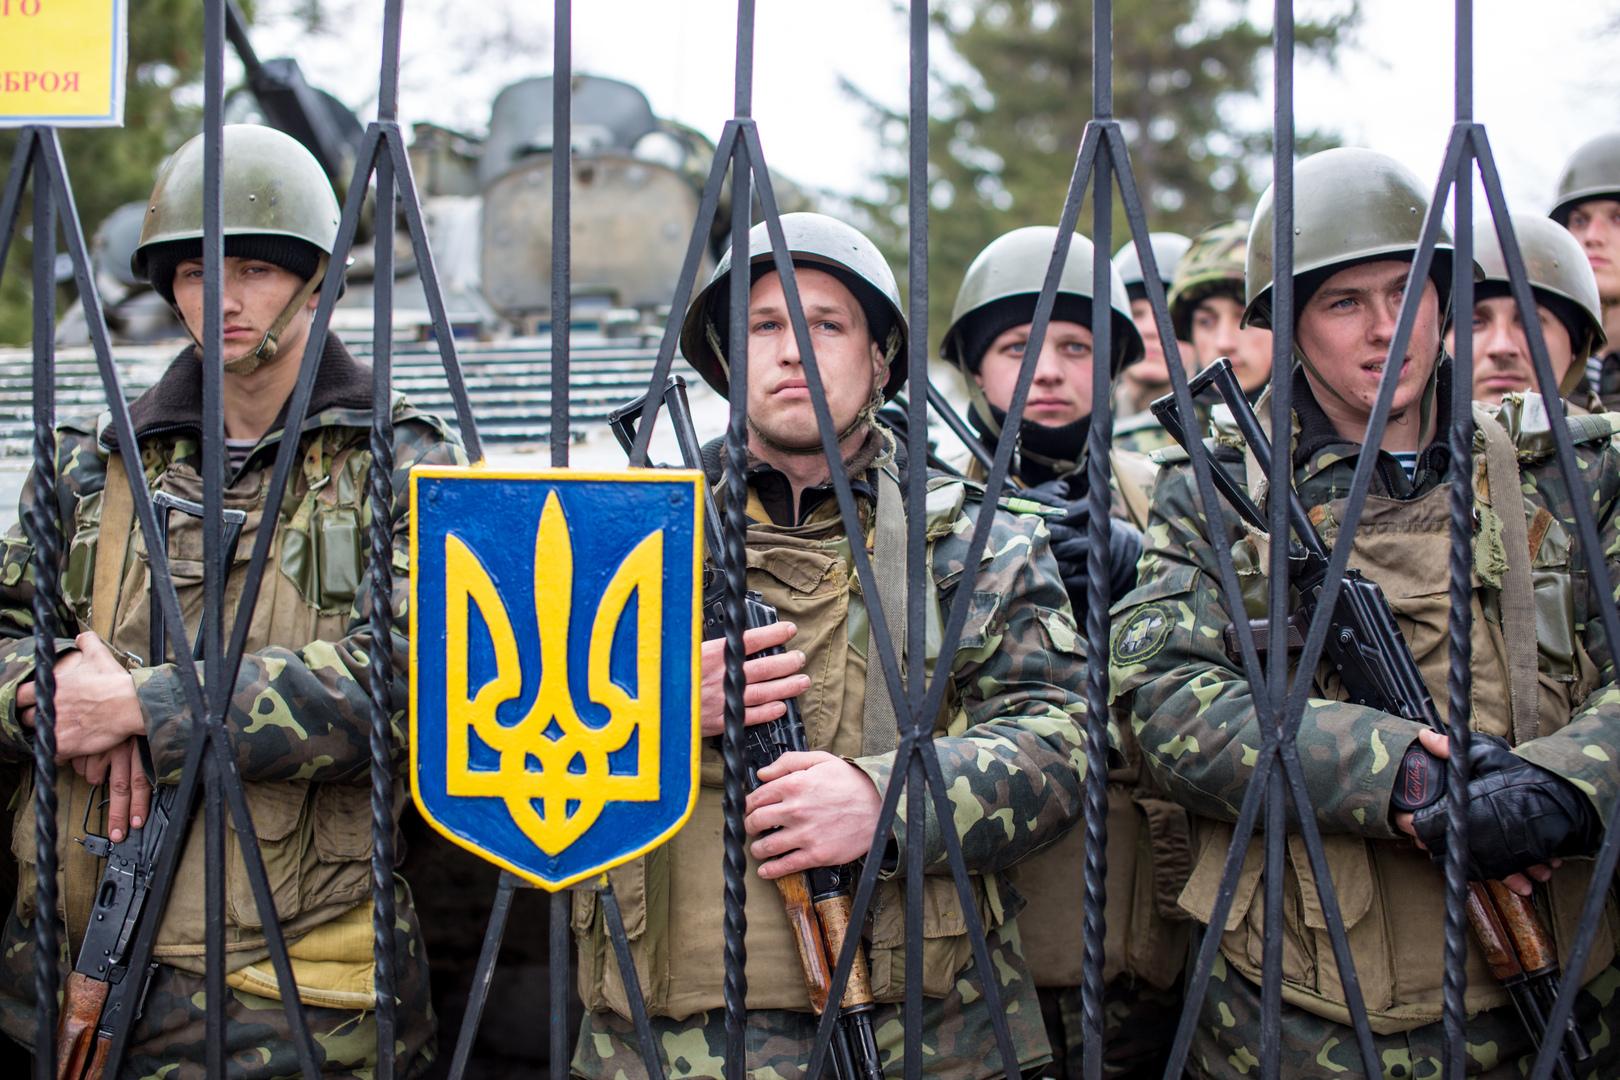 مسؤول أوكراني: لولا تقاعس العسكريين لما خسرنا القرم!